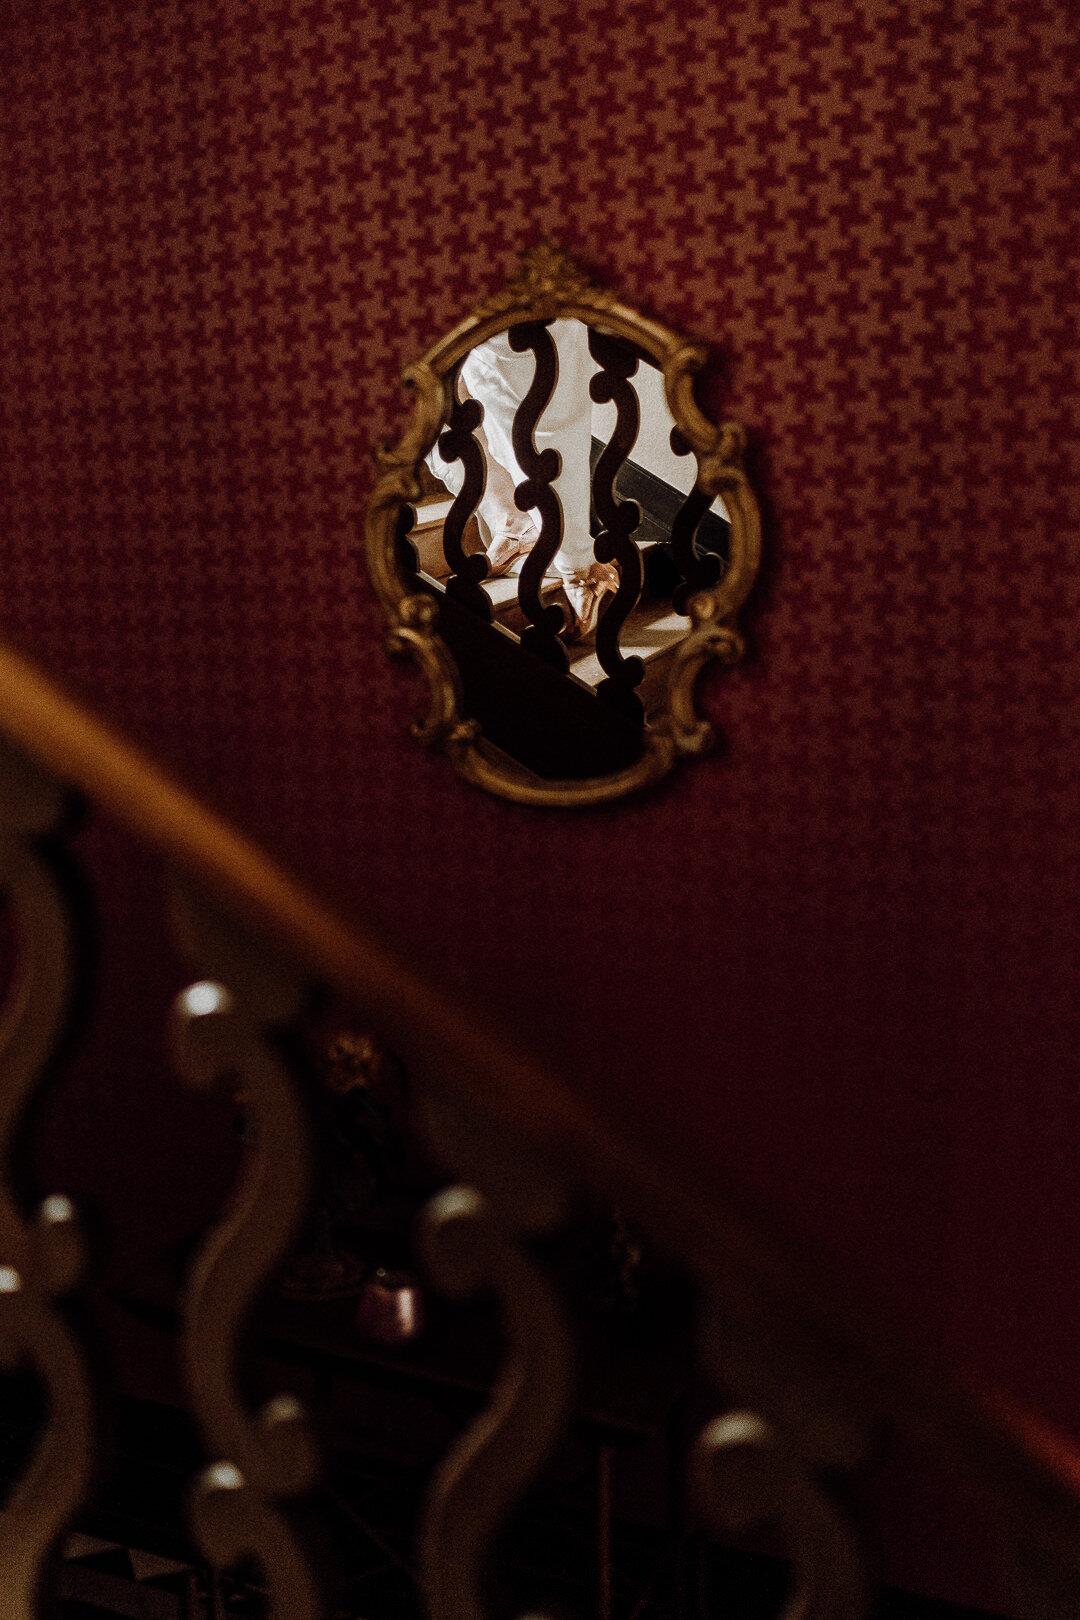 MV-chateau de lage-www.kewin-connin-jackson.fr-09352.jpg